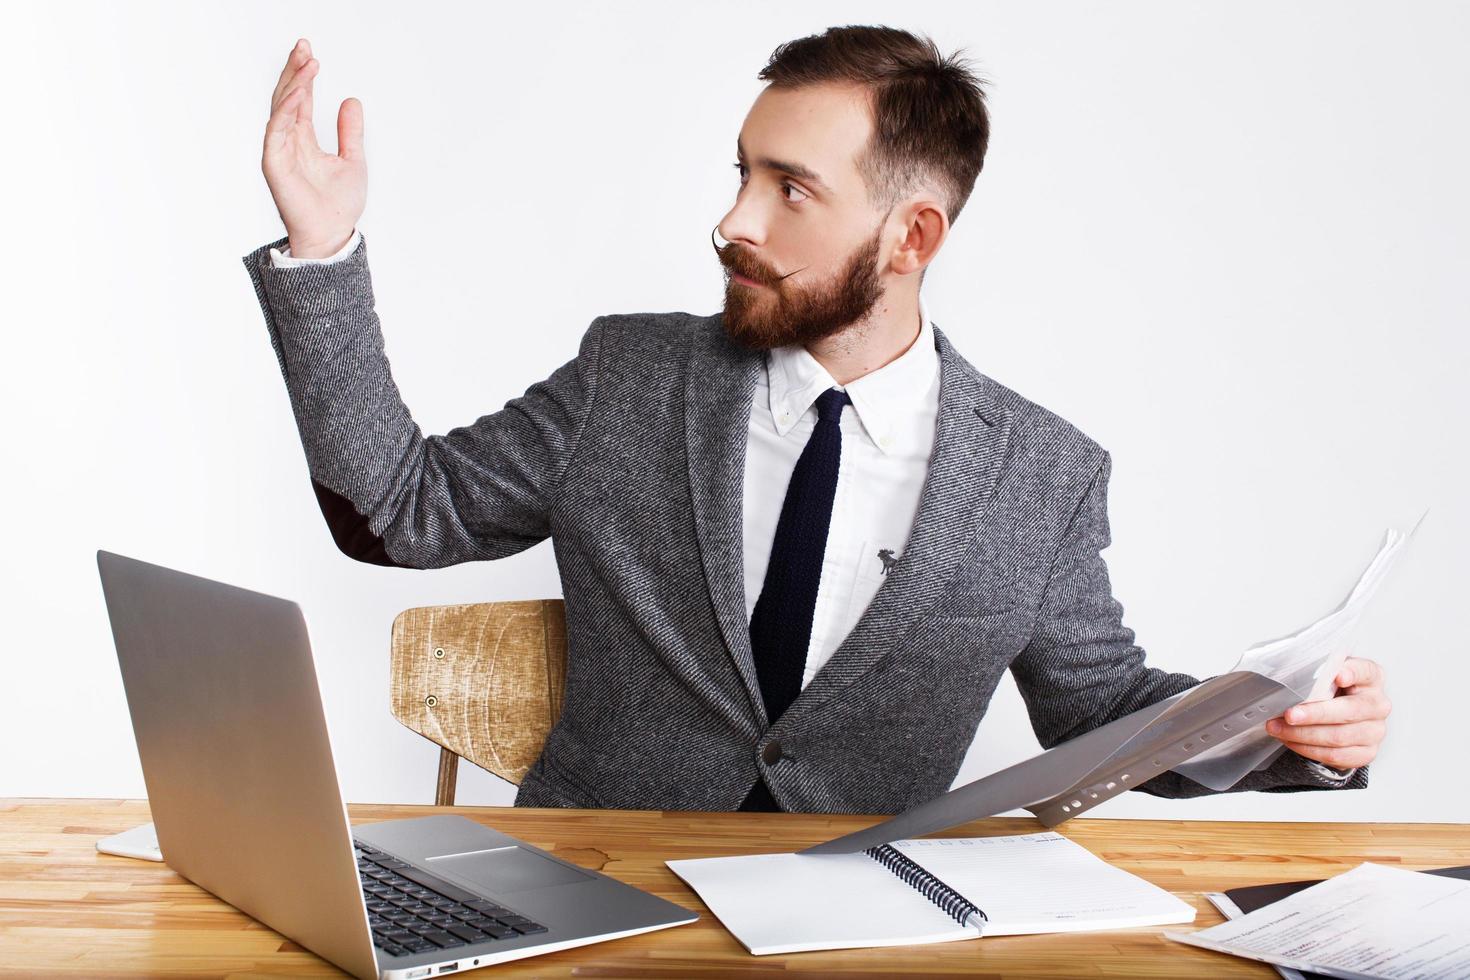 homme d & # 39; affaires lève la main assis au bureau photo